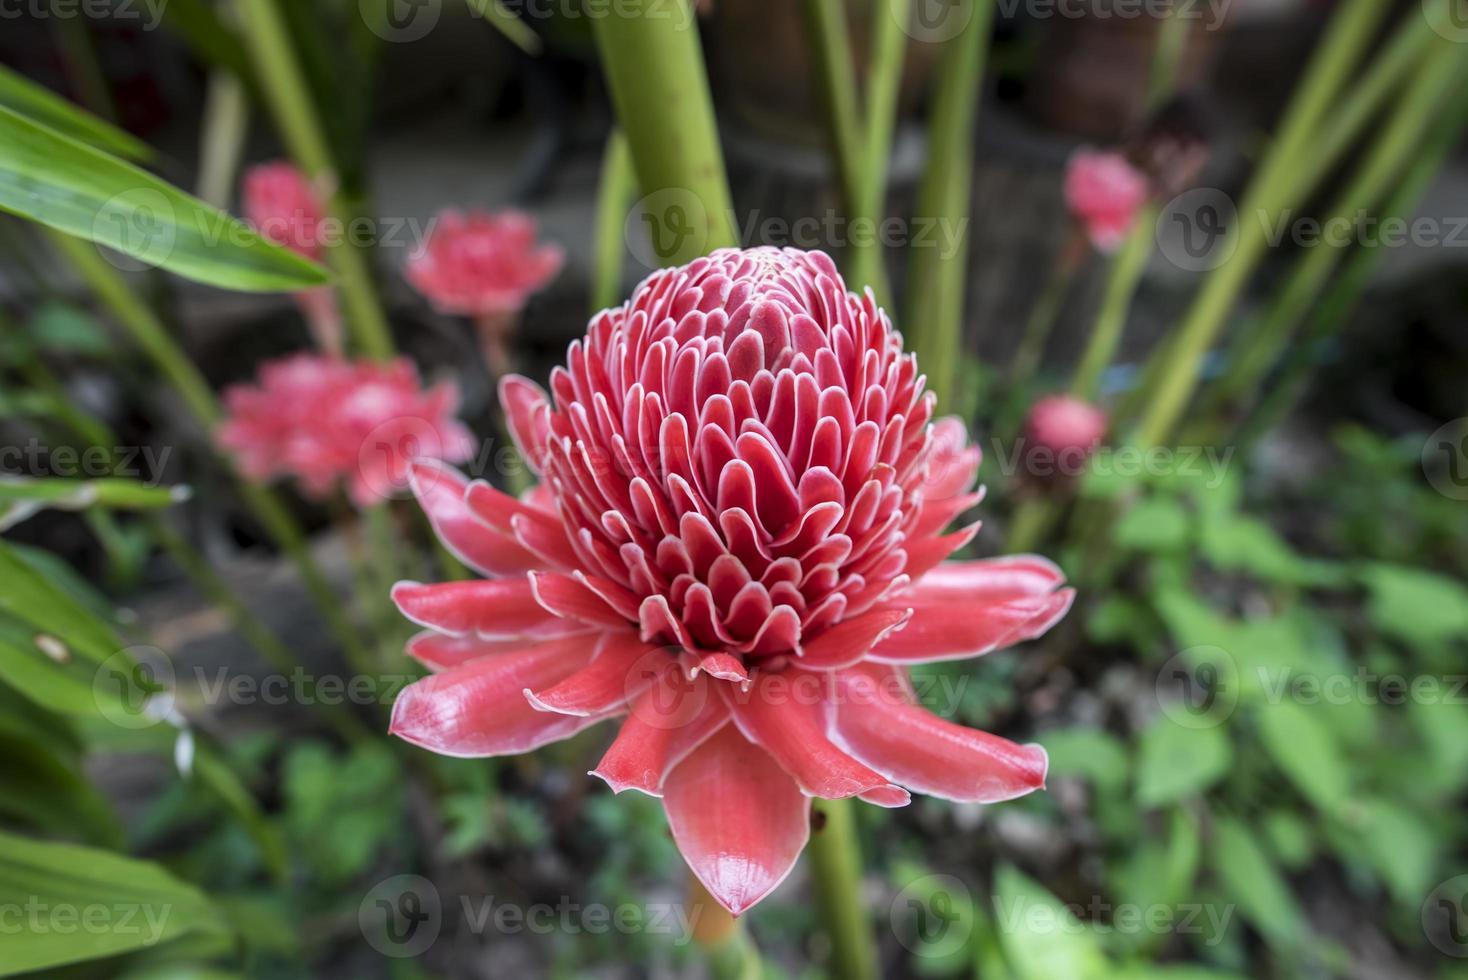 fiore rosso tropicale di etlingera elatior. foto